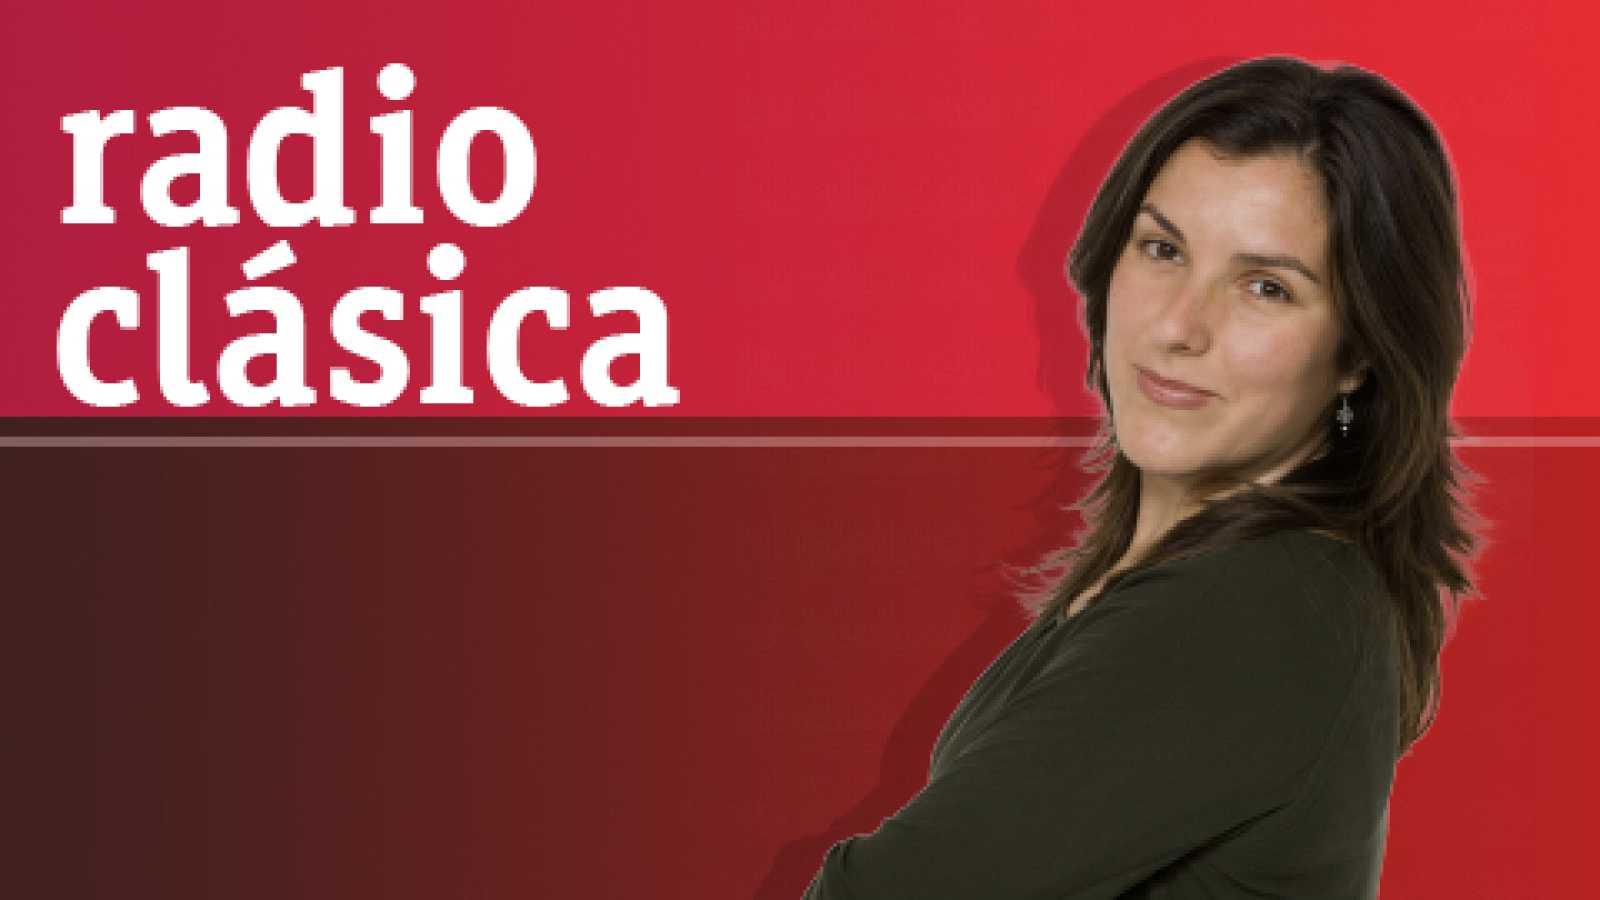 Los clásicos - El tenor José Bros, veinte años de excelencia - 03/10/12 - Escuchar ahora